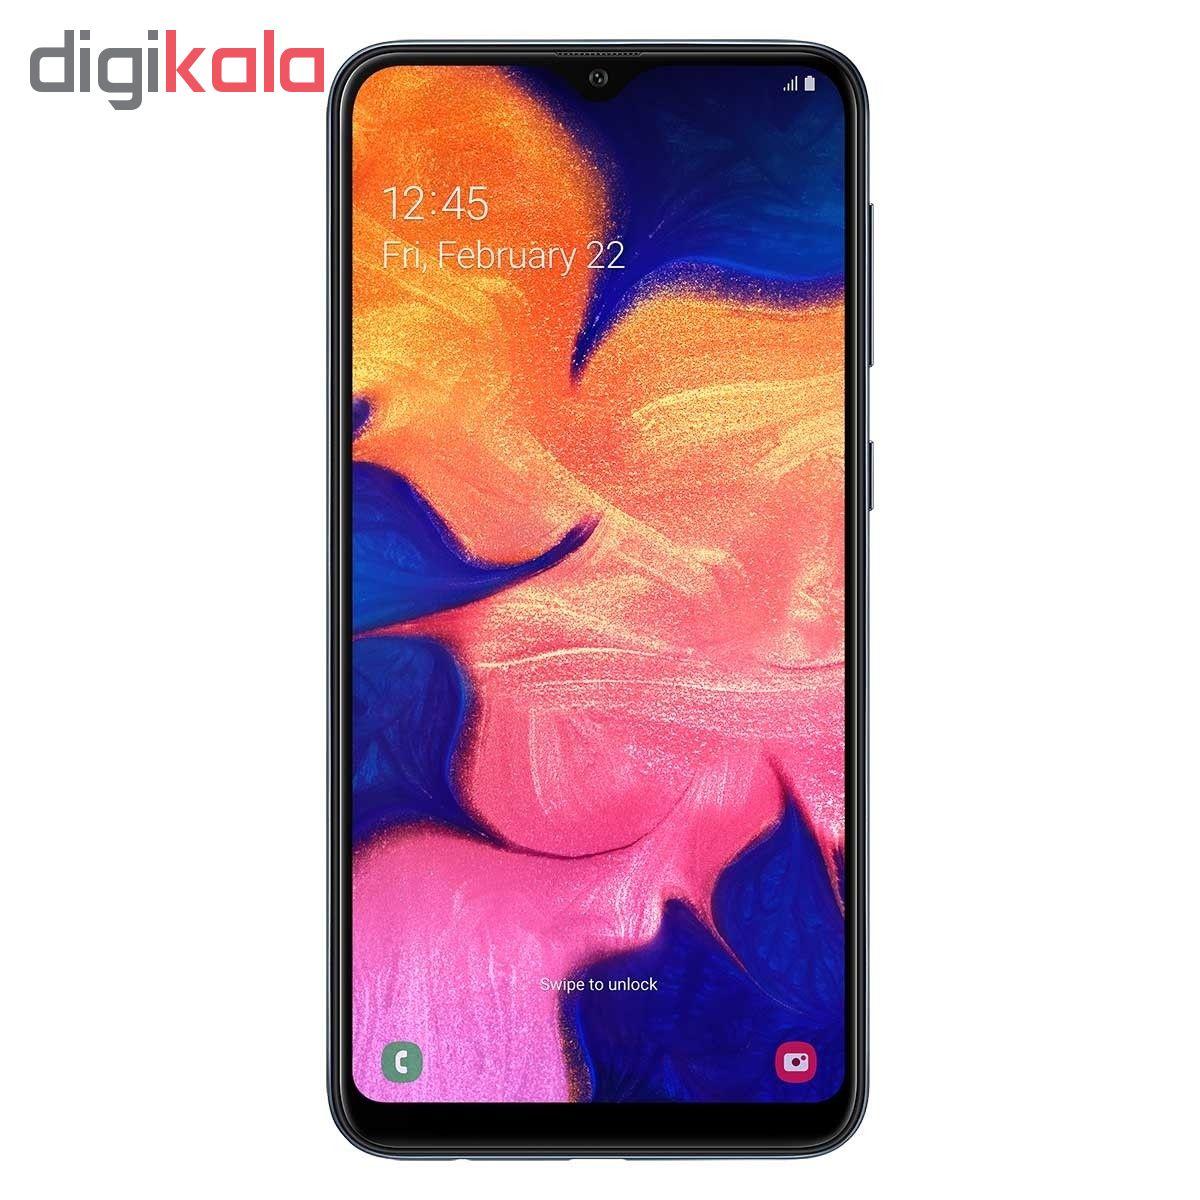 گوشی موبایل سامسونگ مدل Galaxy A10 دو سیم کارت ظرفیت 32 گیگابایت                             Samsung Galaxy A10 Dual SIM 32GB Mobile Phone